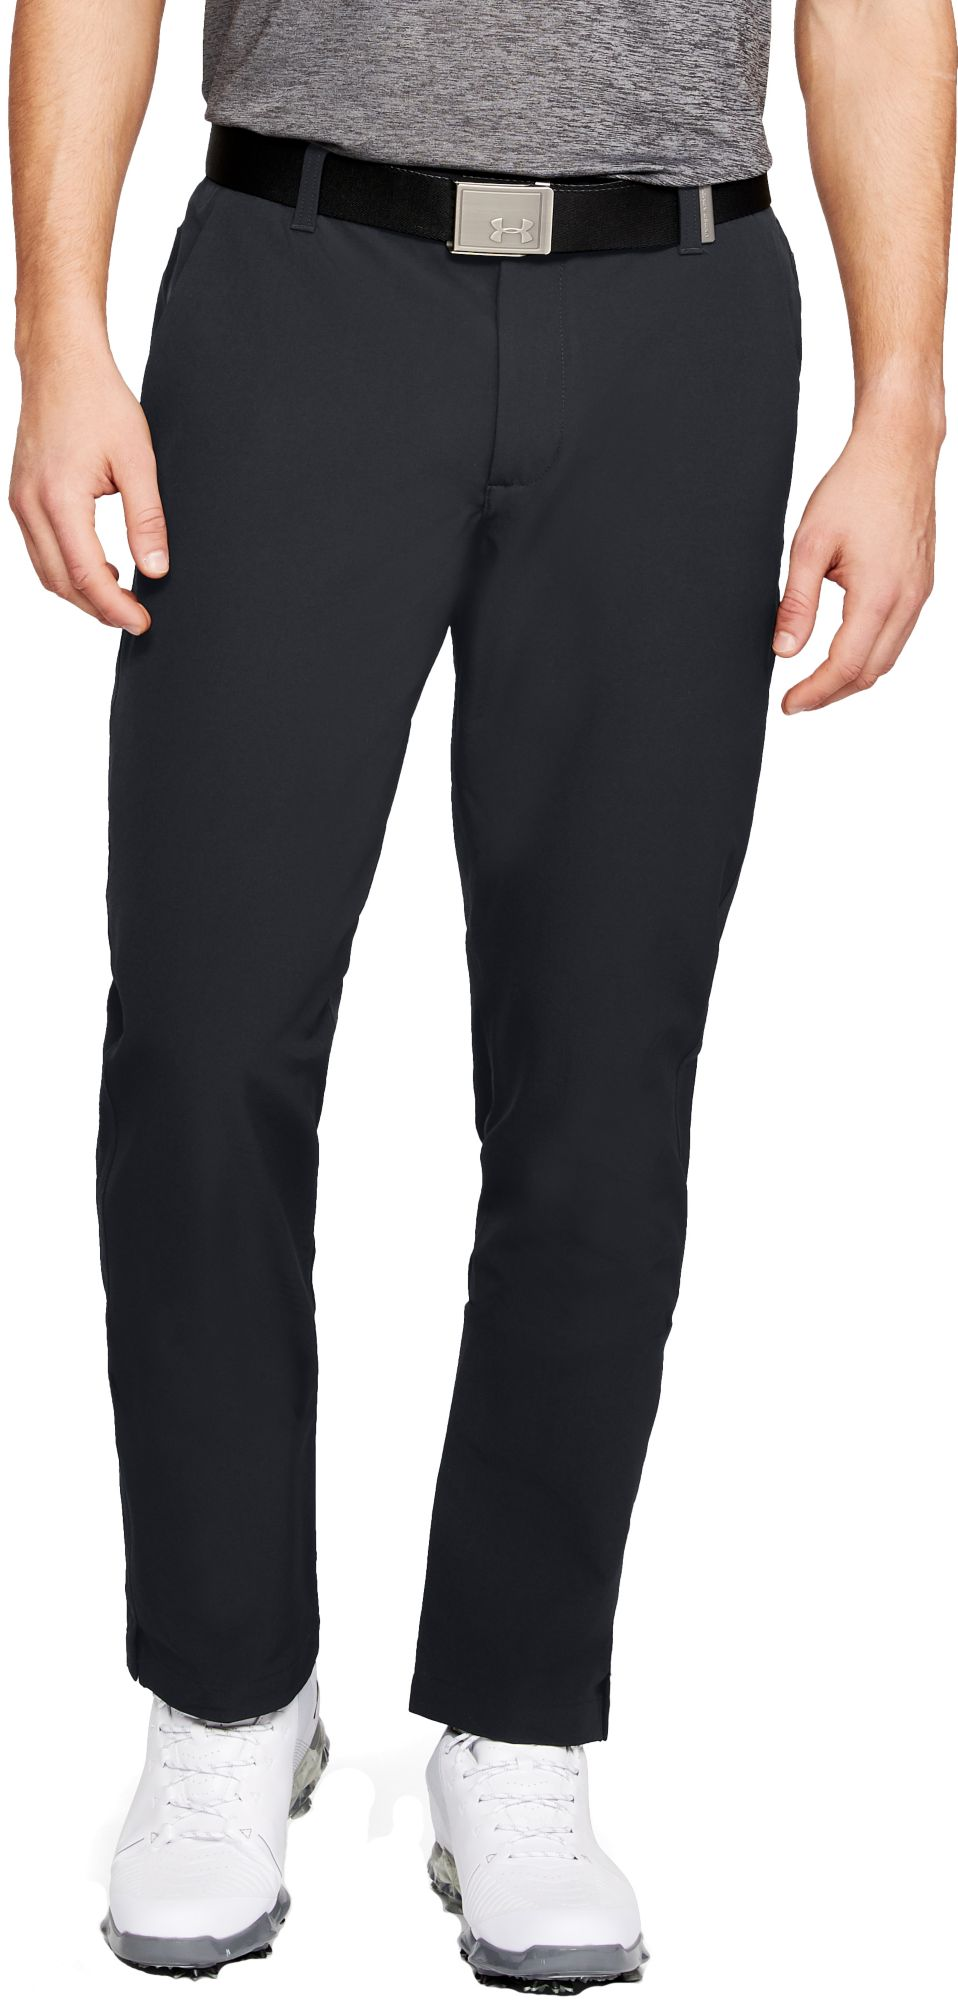 Under Armour Men's ColdGear Infrared Showdown Golf Pants, Size: 36, Black thumbnail